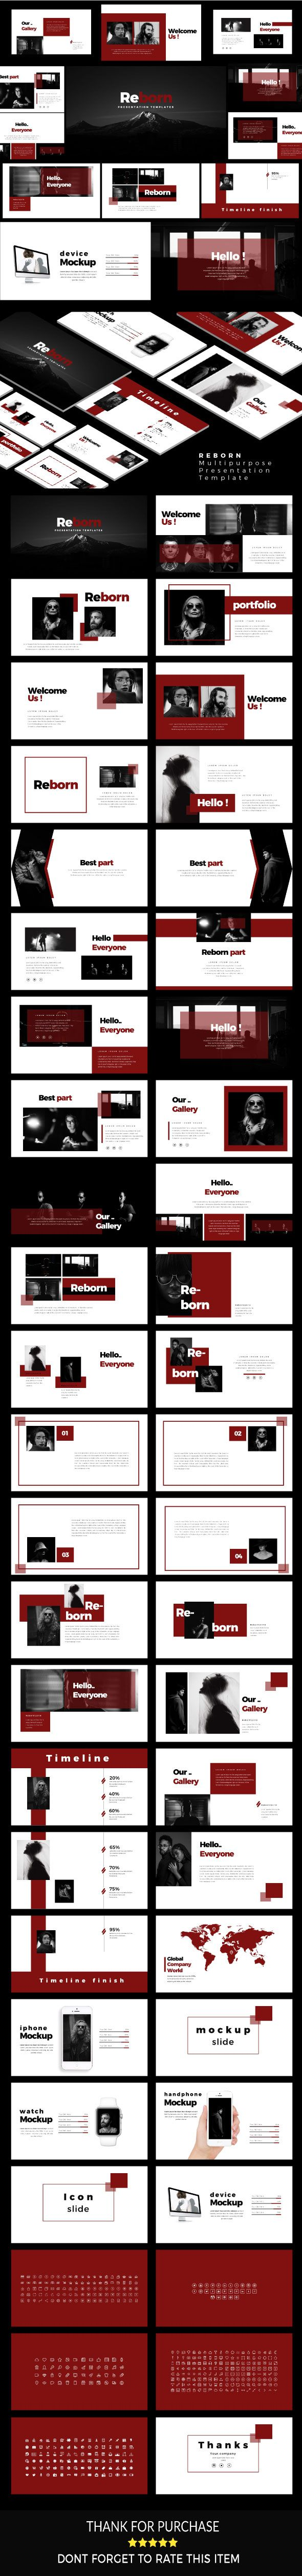 reborn creative google slide google slides presentation